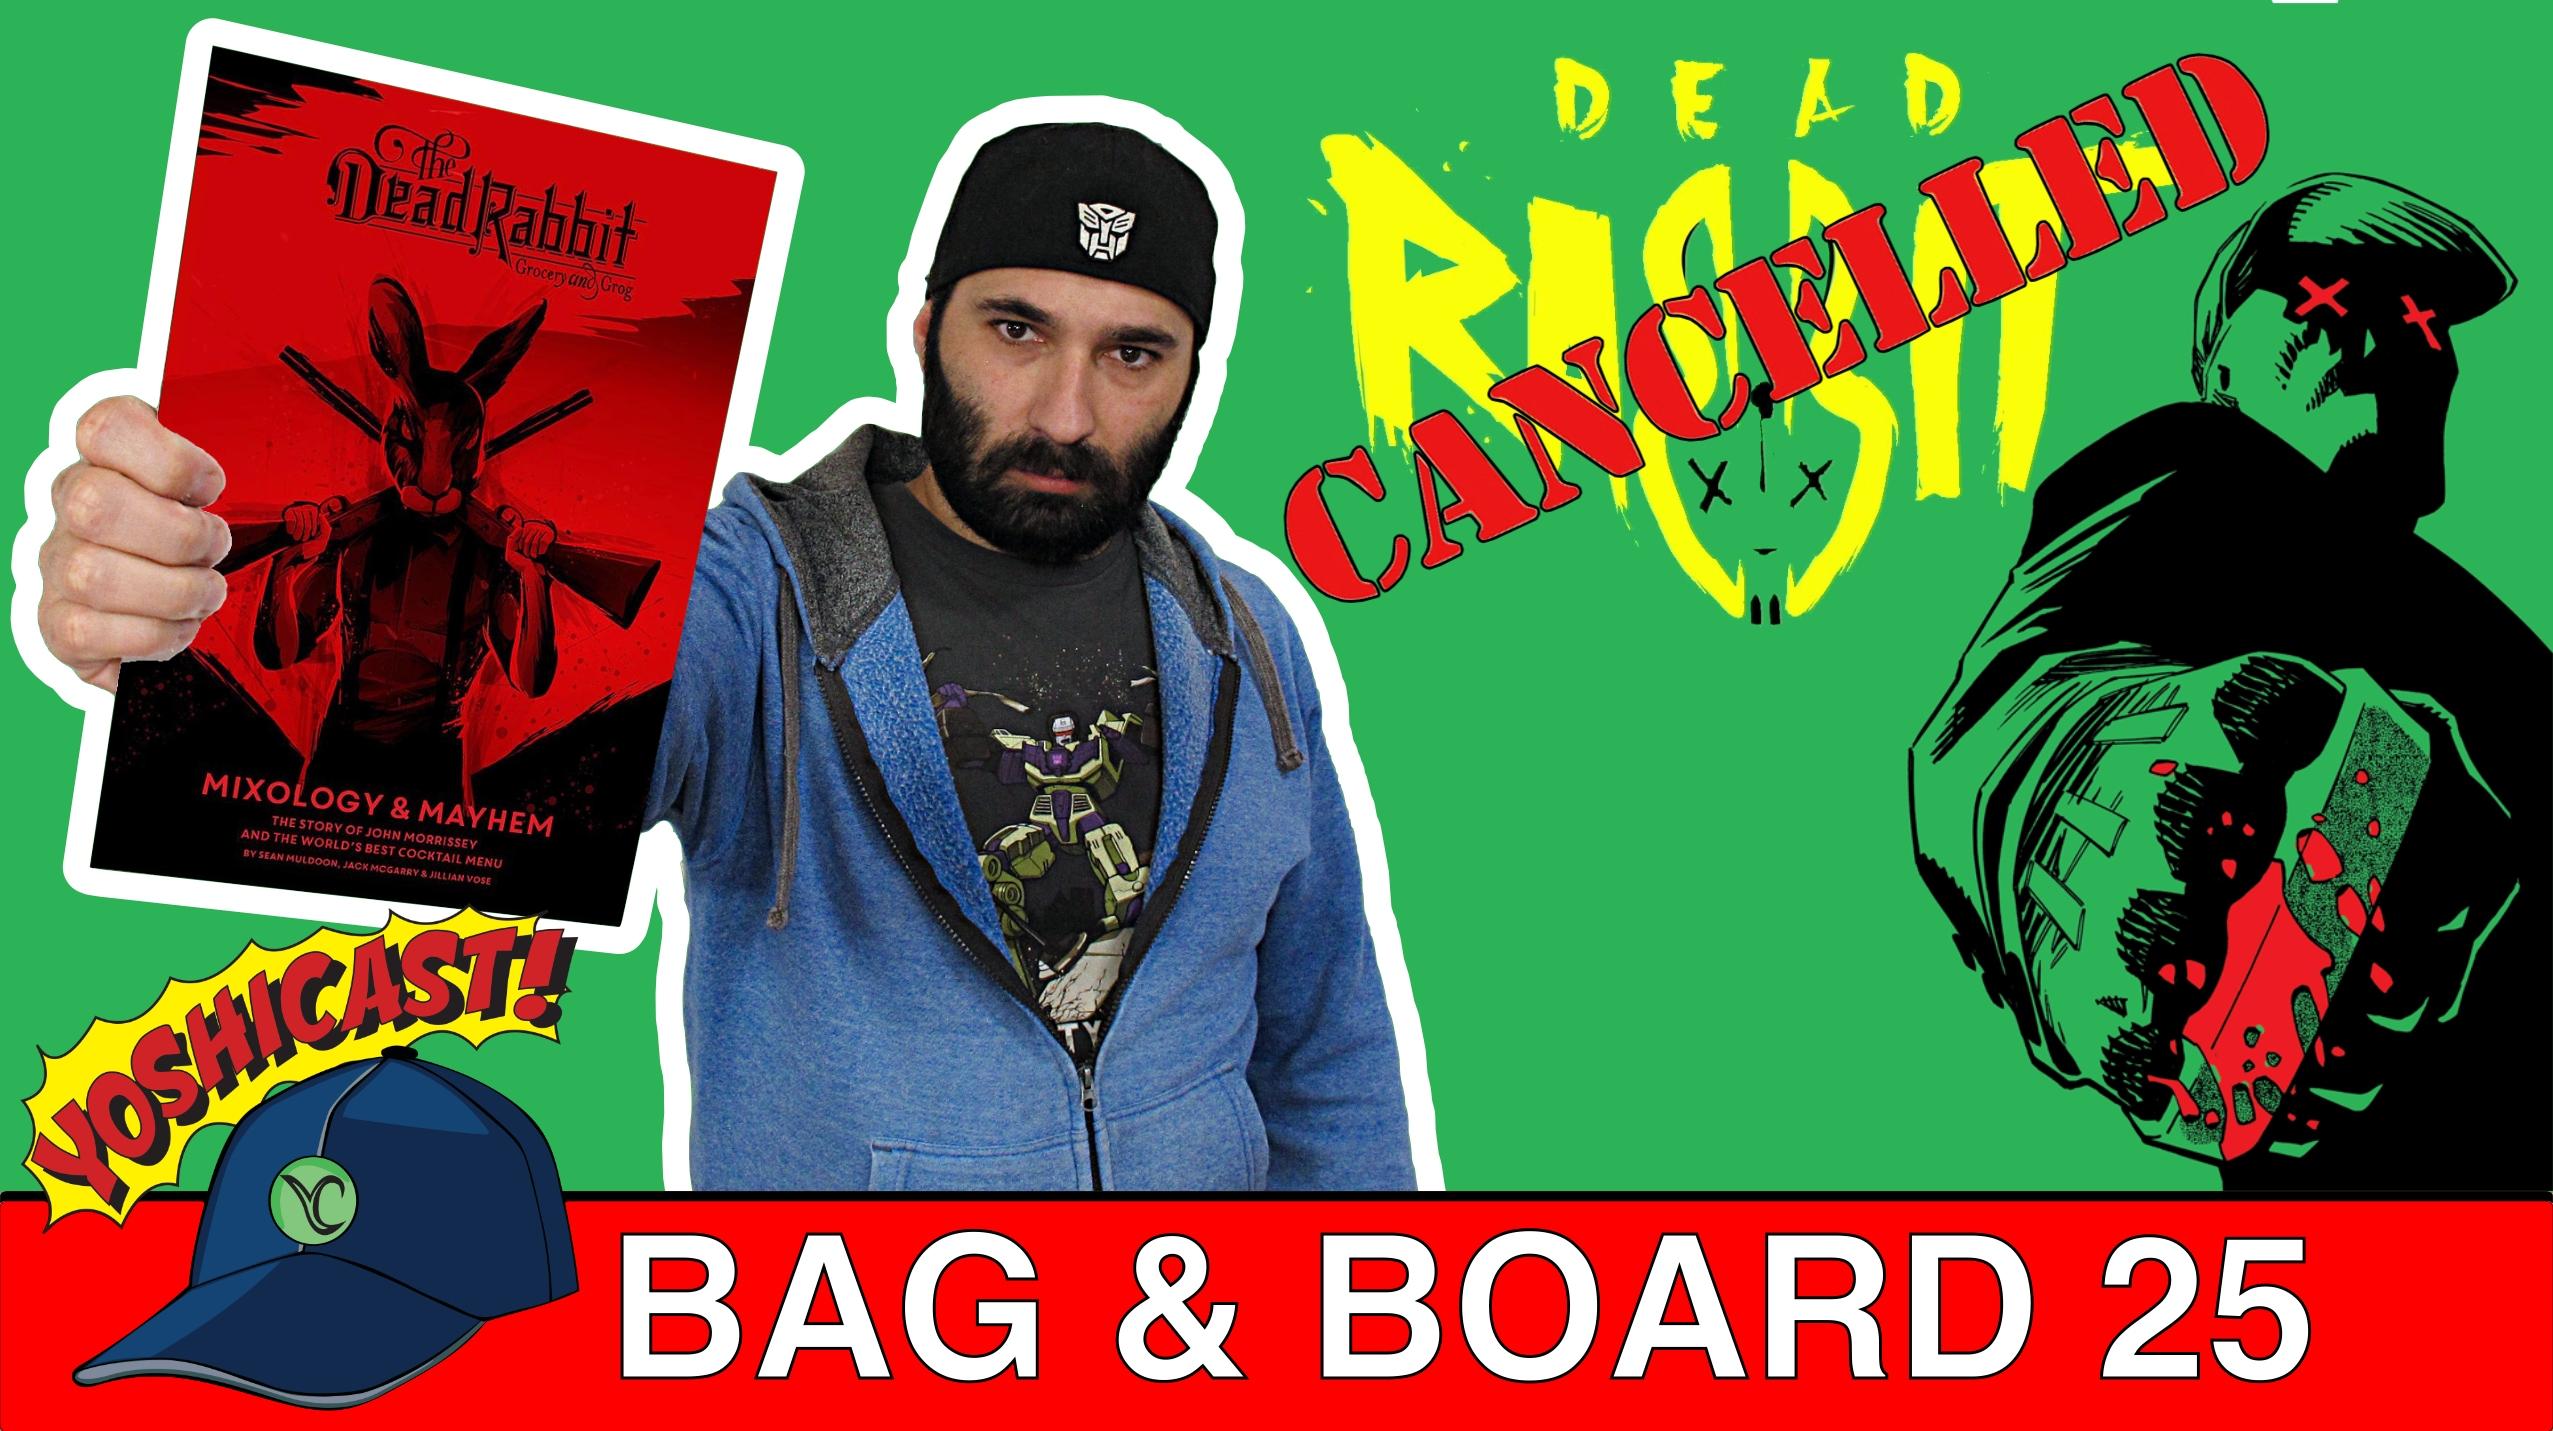 Bag & Board 25 | Dead Rabbit No More, Sleepwalker, Spider-Man, Mars Attacks, GoBots